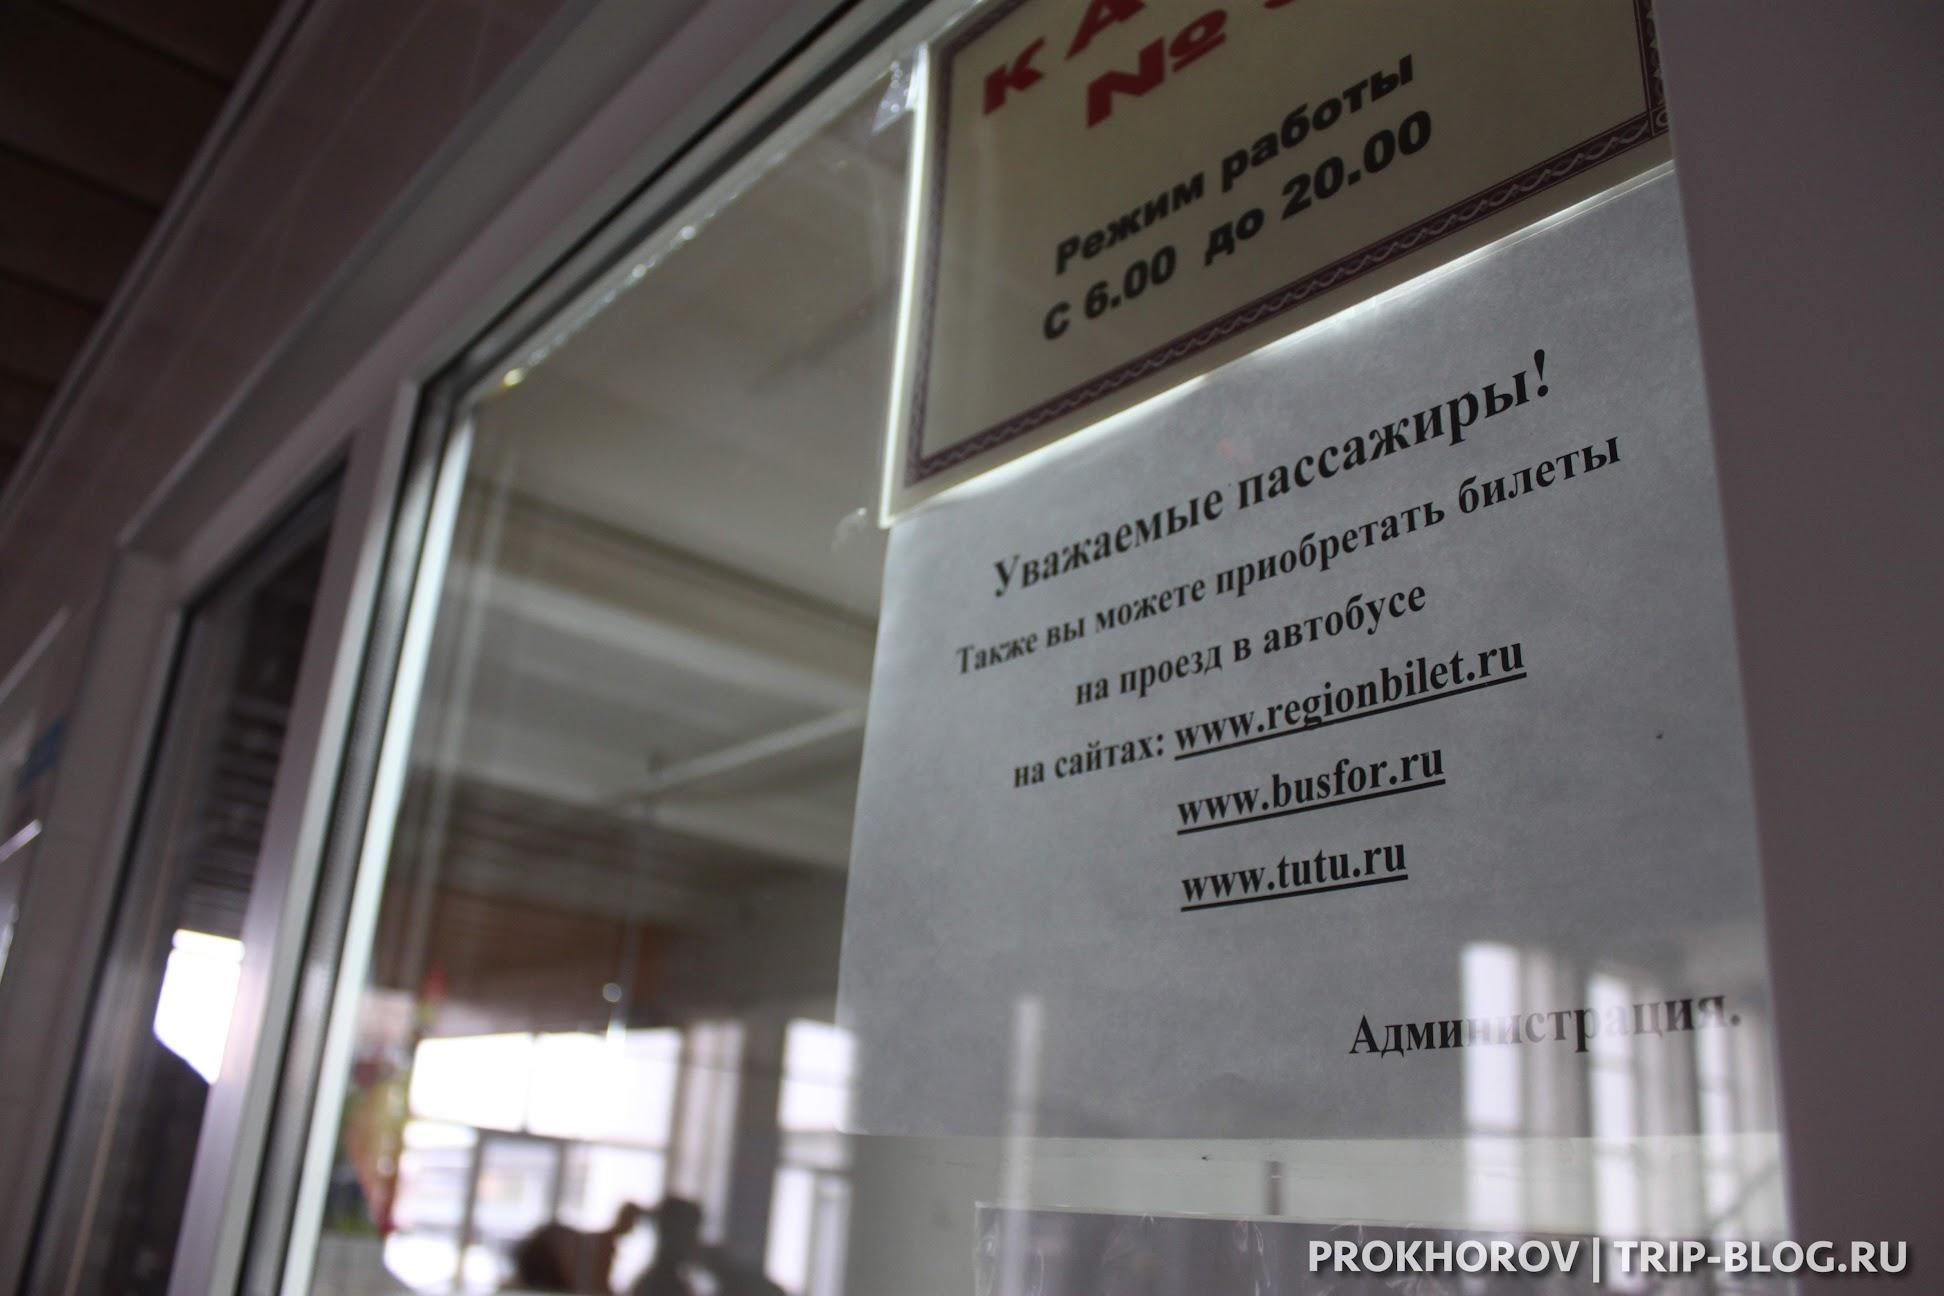 kupit-bilet-na-avtobus-vladikavkaz-tbilisi